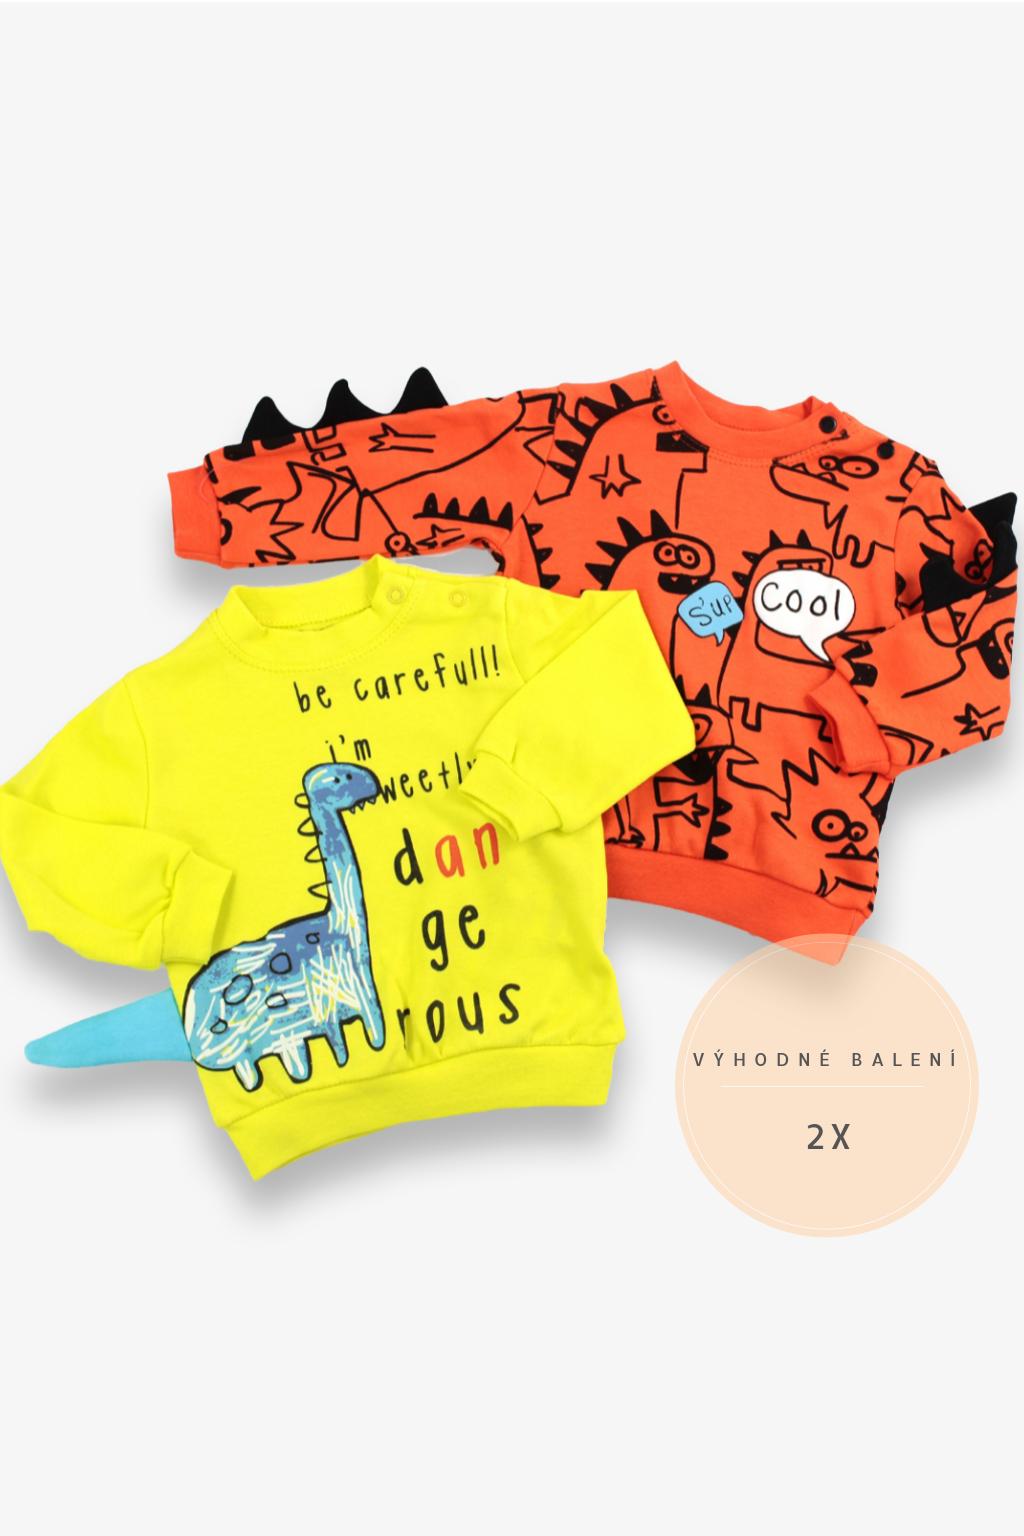 Chlapecké mikiny Dinosaur 2-pack, oranžová, žlutá Velikost: 62